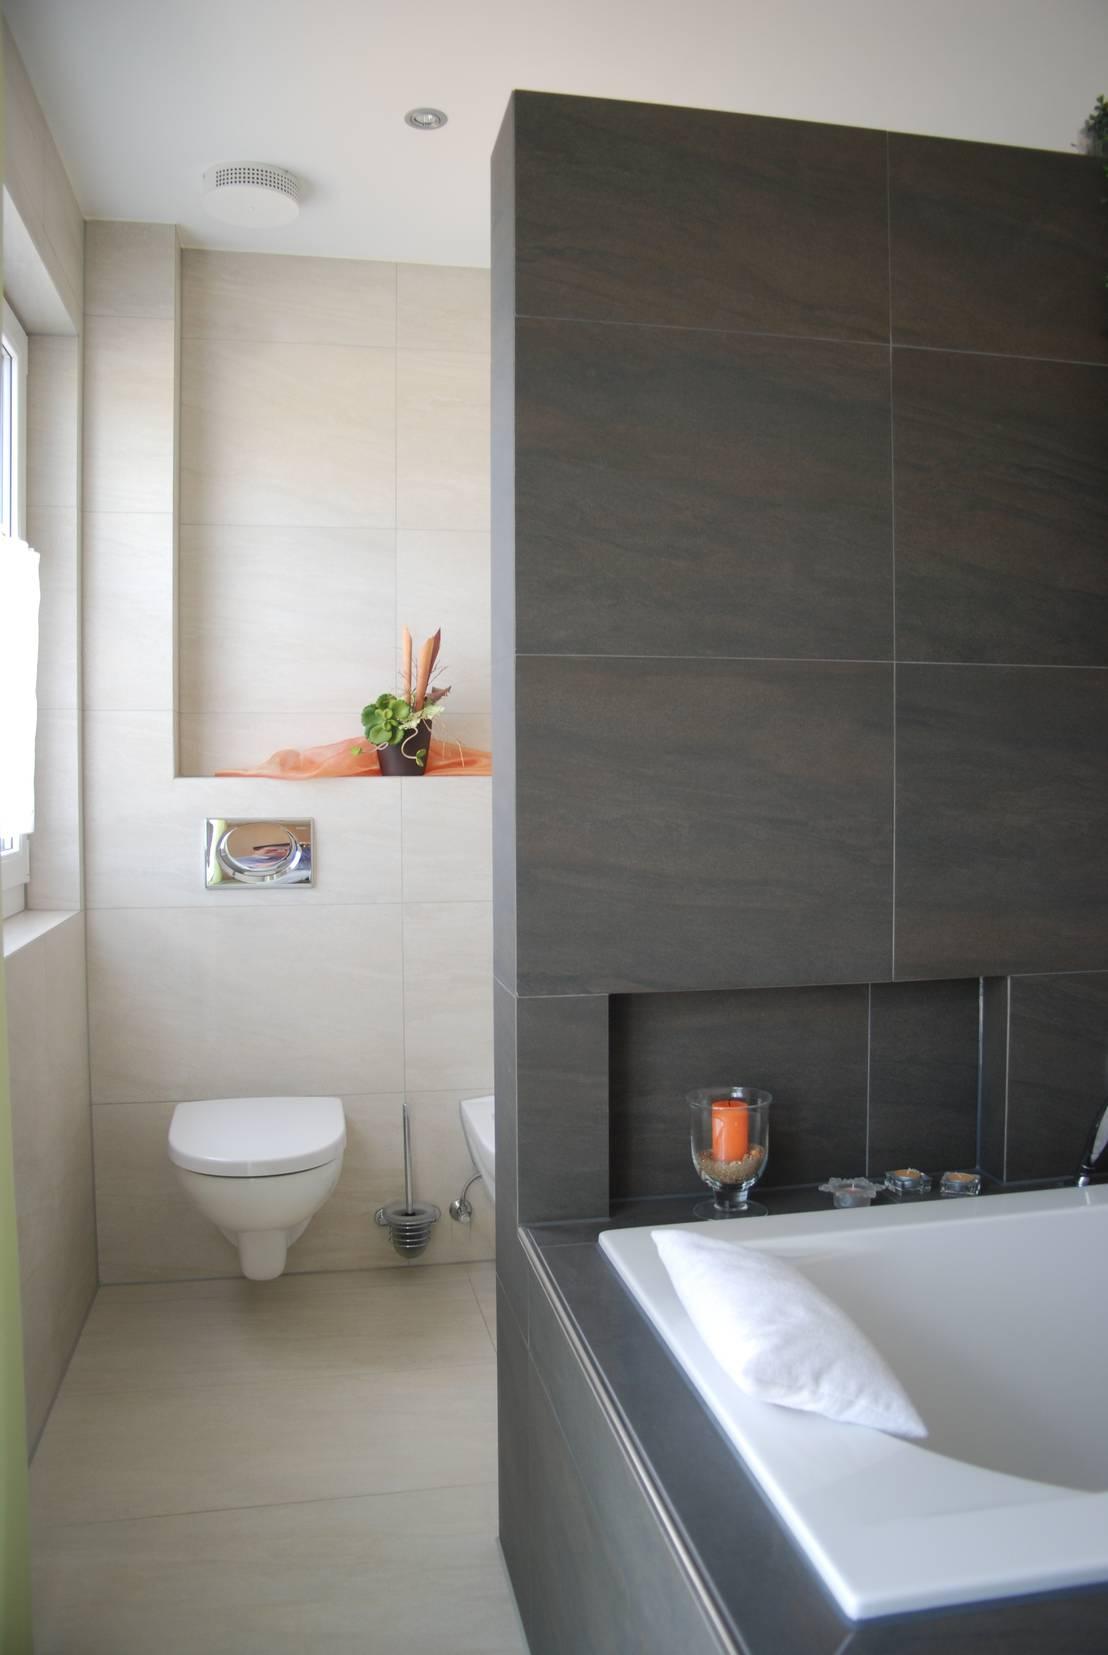 neues einfamilienhaus f r ehepaar nach auszug der kinder stichwort komfortabel und grossz gig. Black Bedroom Furniture Sets. Home Design Ideas